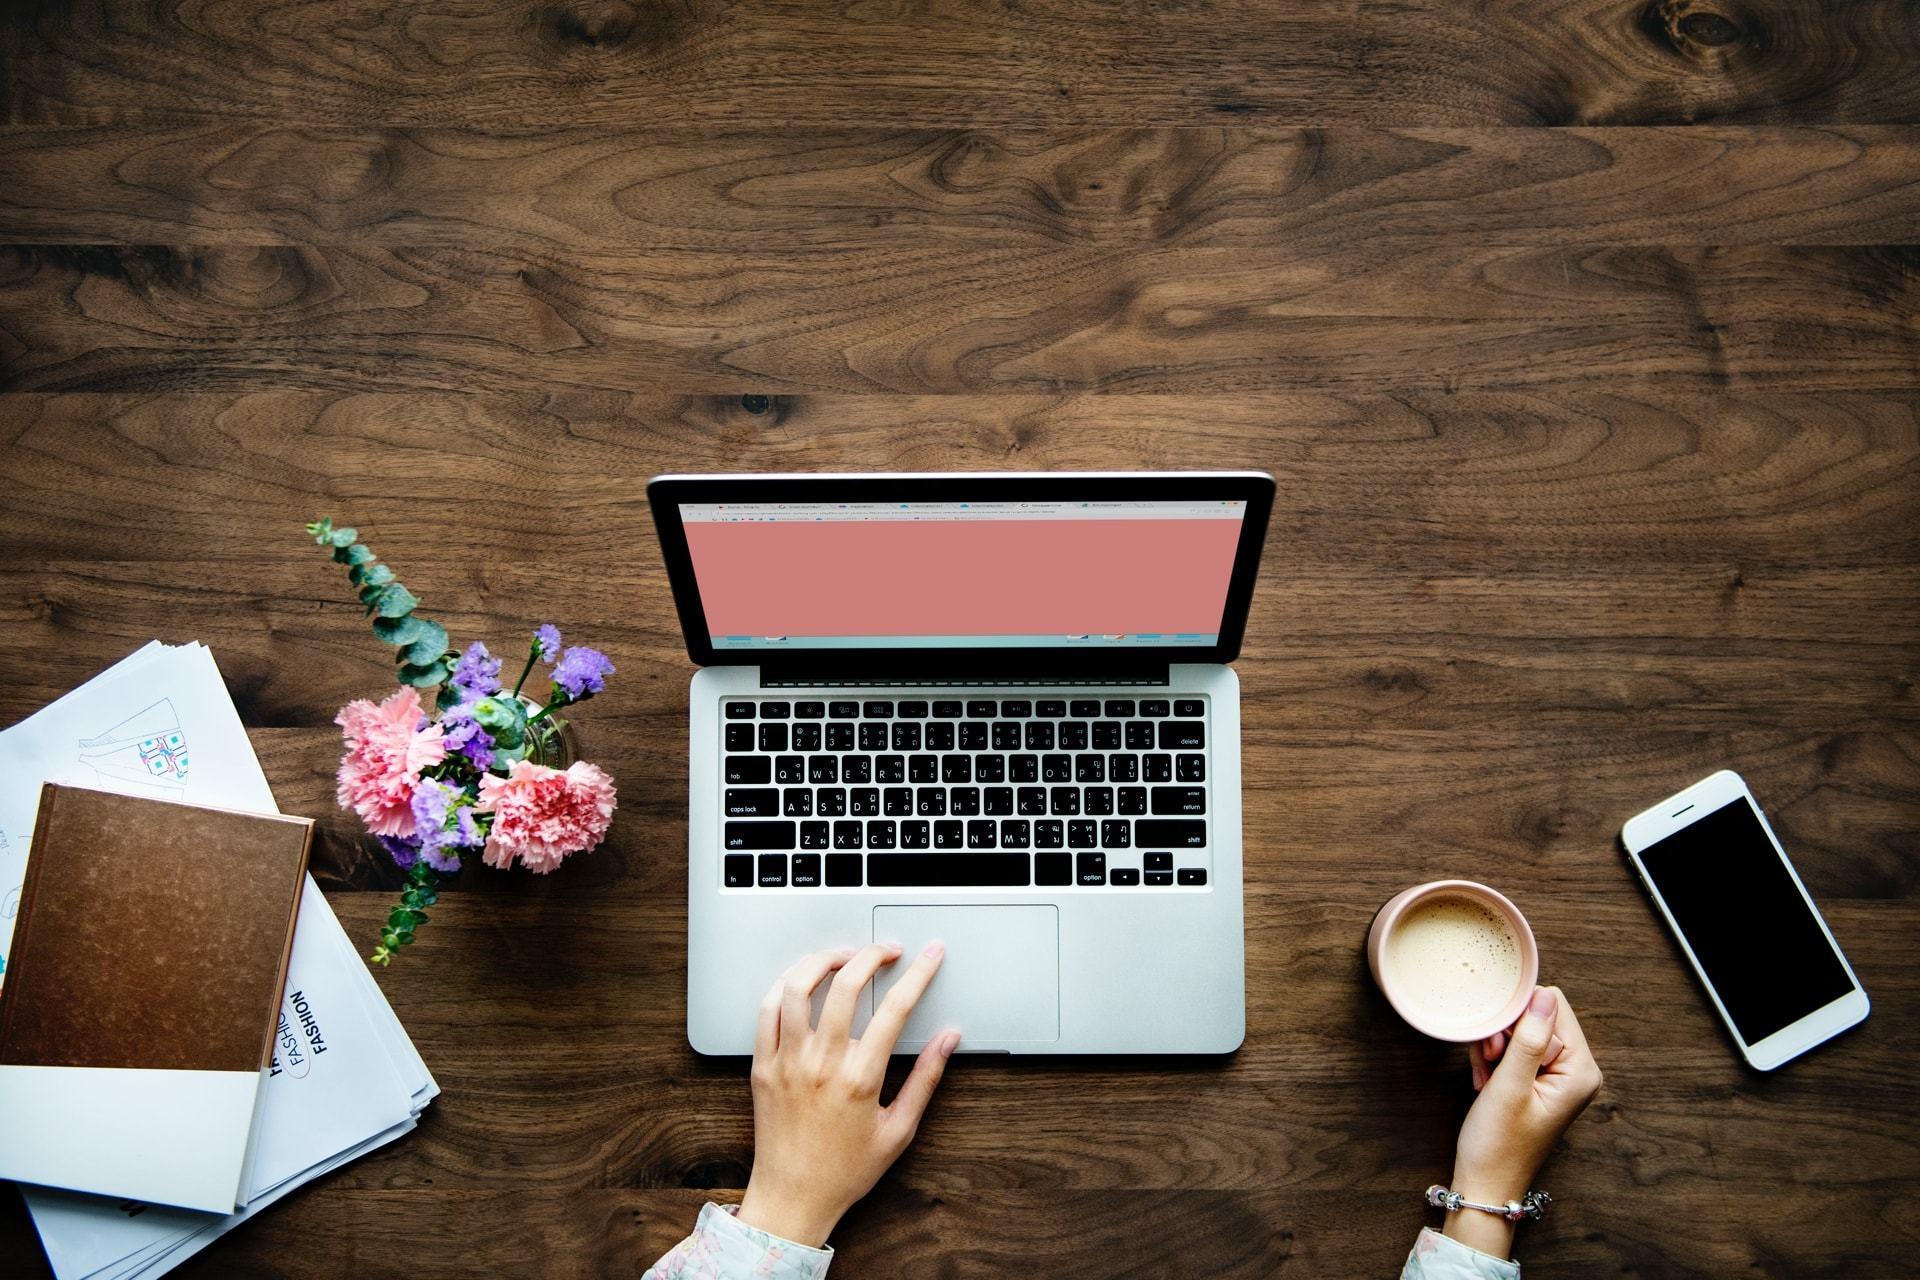 Foto de cima de uma mesa, com mãos mexendo em um computador e segurando uma xícara de café. Nas laterais, um celular e alguns livros.